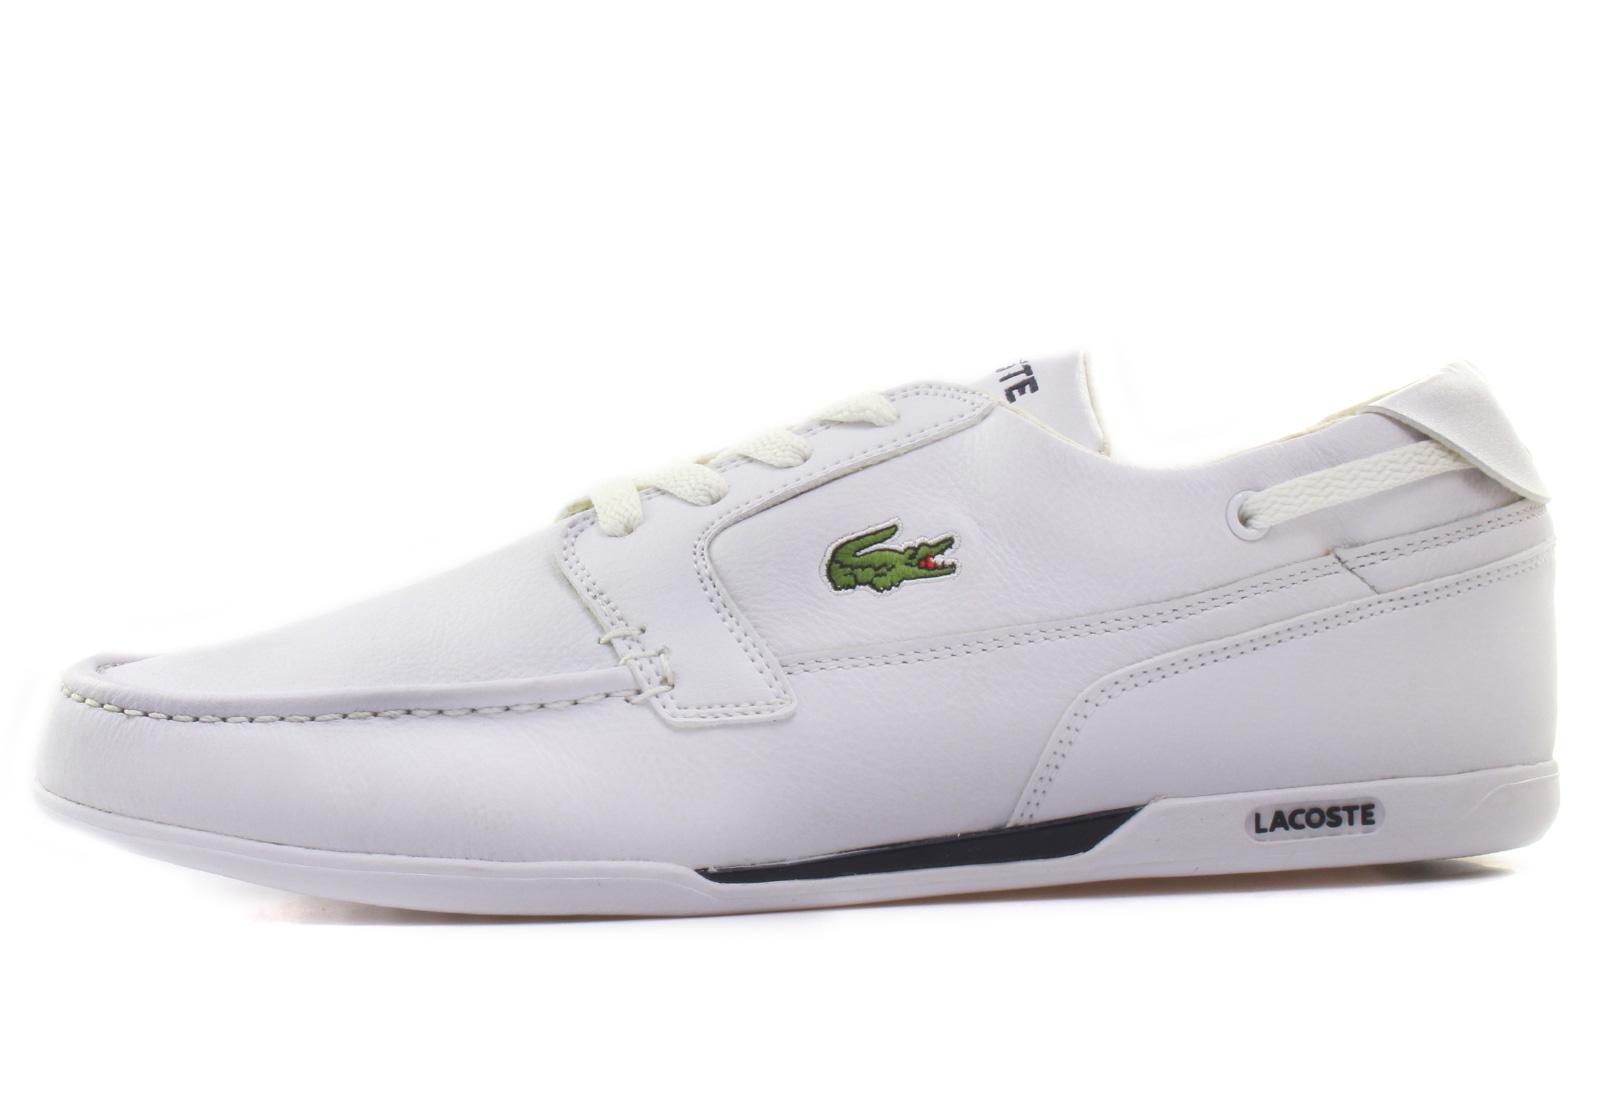 Lacoste Shoes Dreyfus 141spm1051 21g Online Shop For